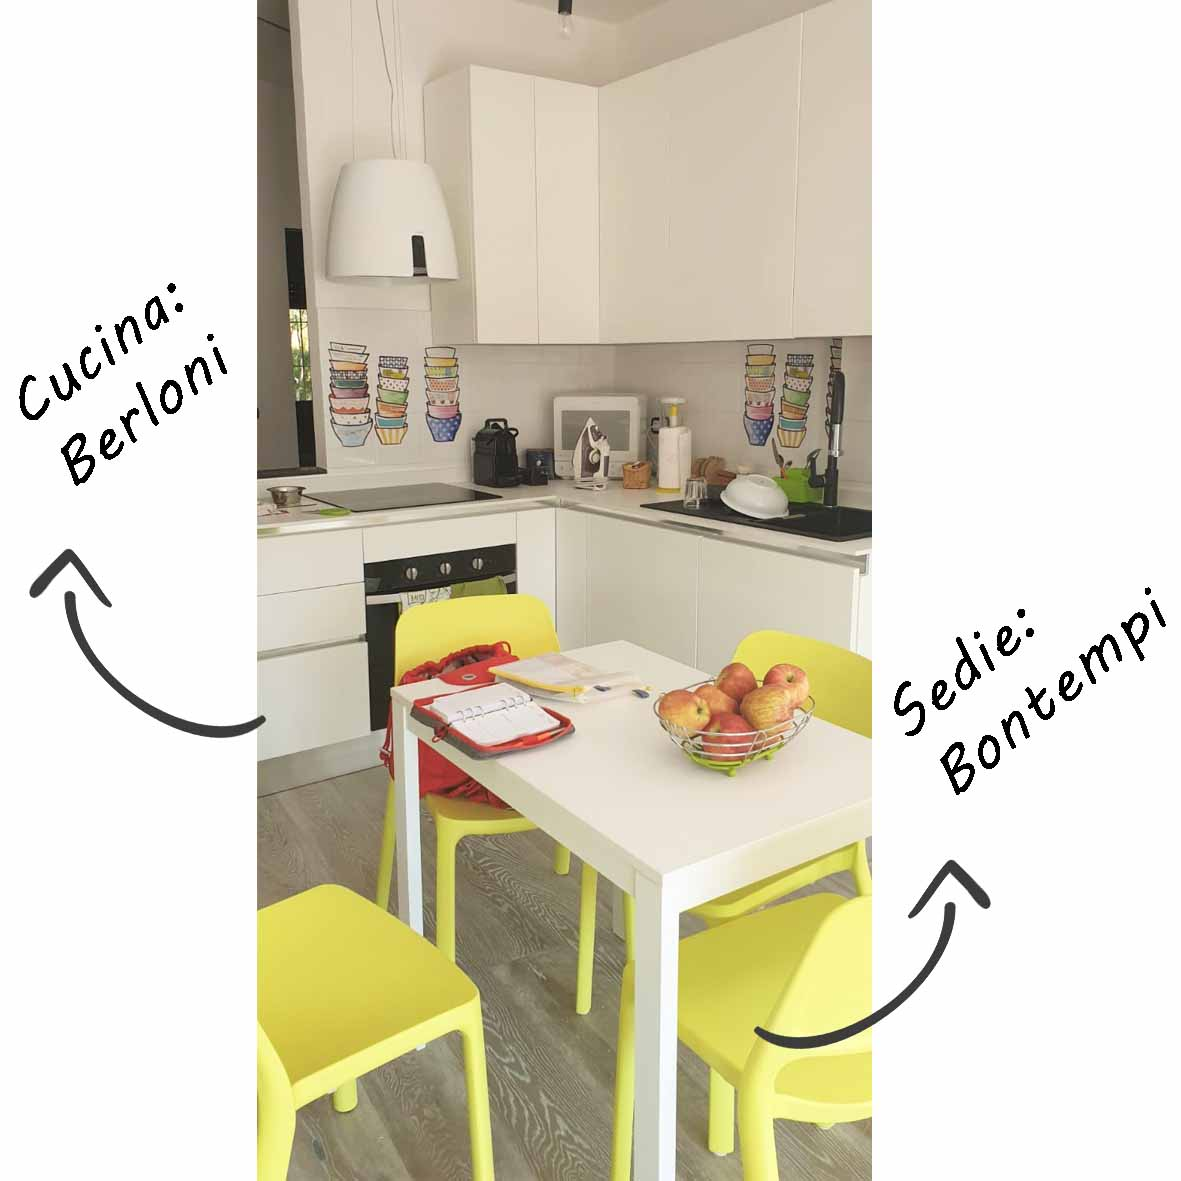 centro dell'arredamento-savona-lavori-realizzazioni-cucina-berloni-b 50-gipsy-bontempi-sedie